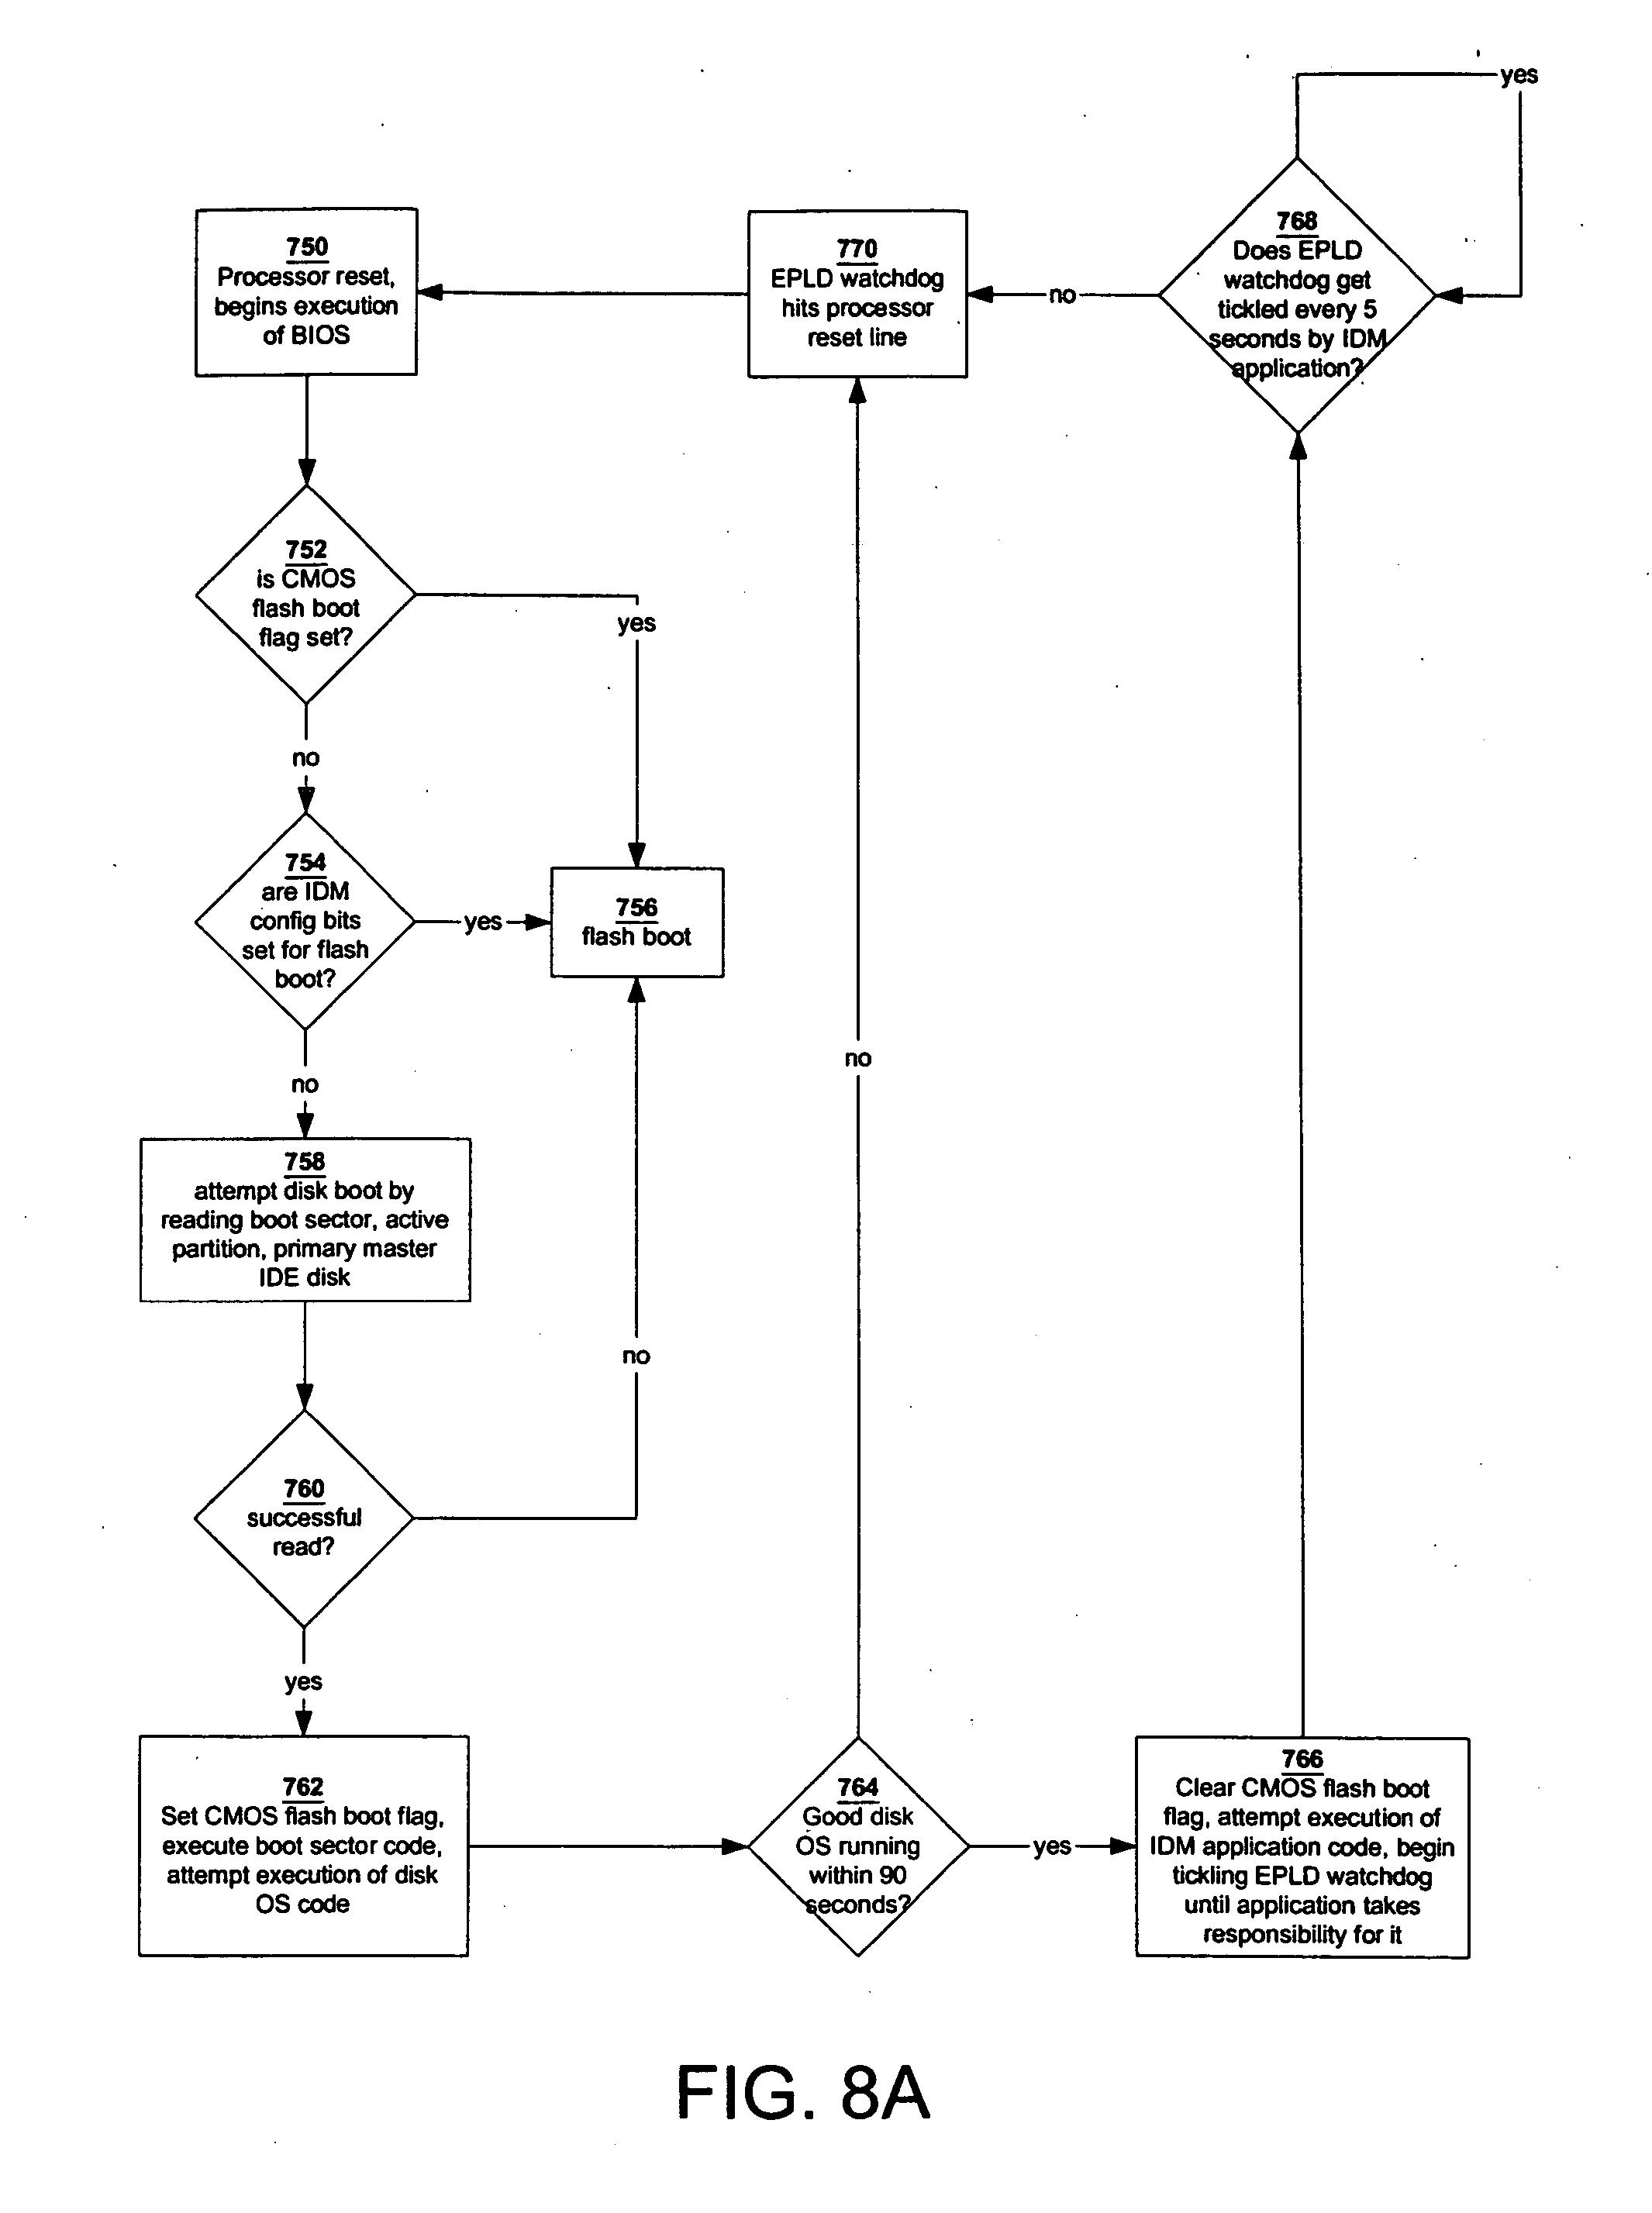 براءة الاختراع US20070101040 - Data modem - براءات اختراع Google